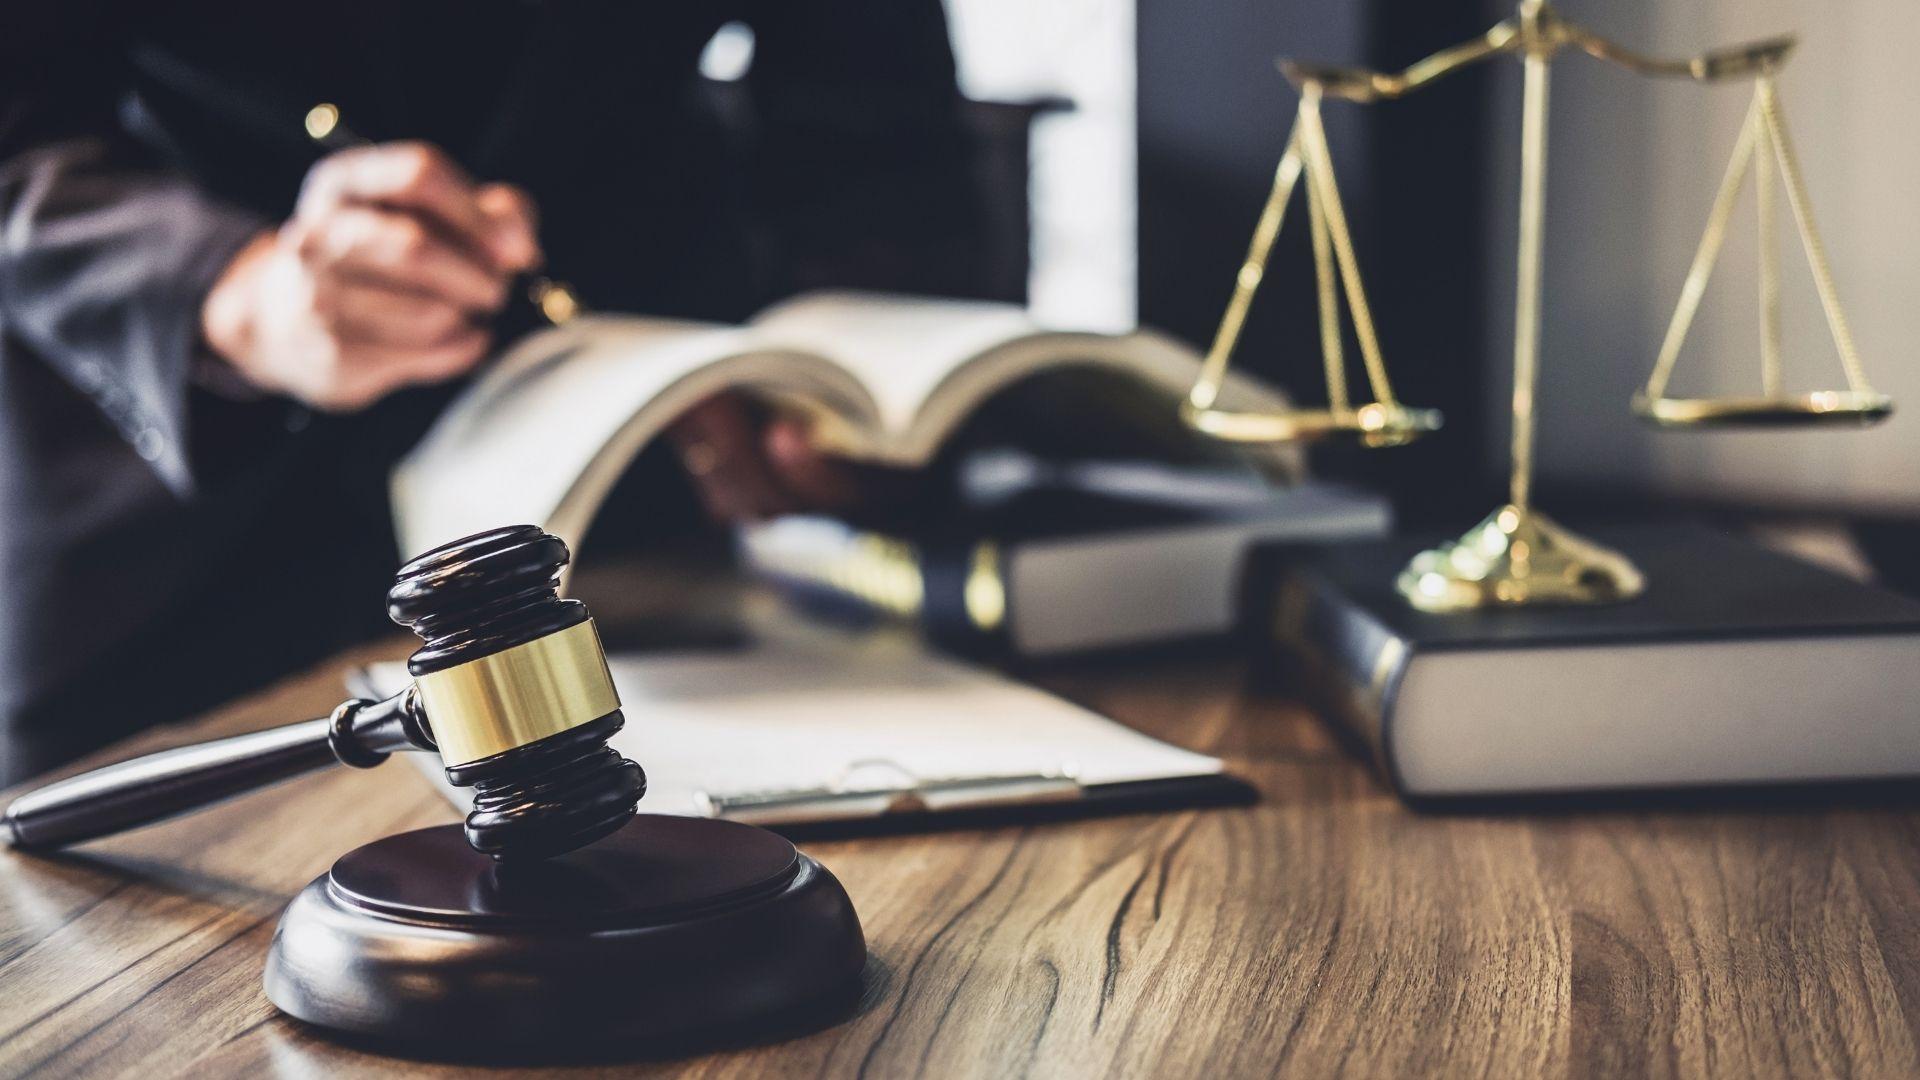 İftira Suçu ve Cezası